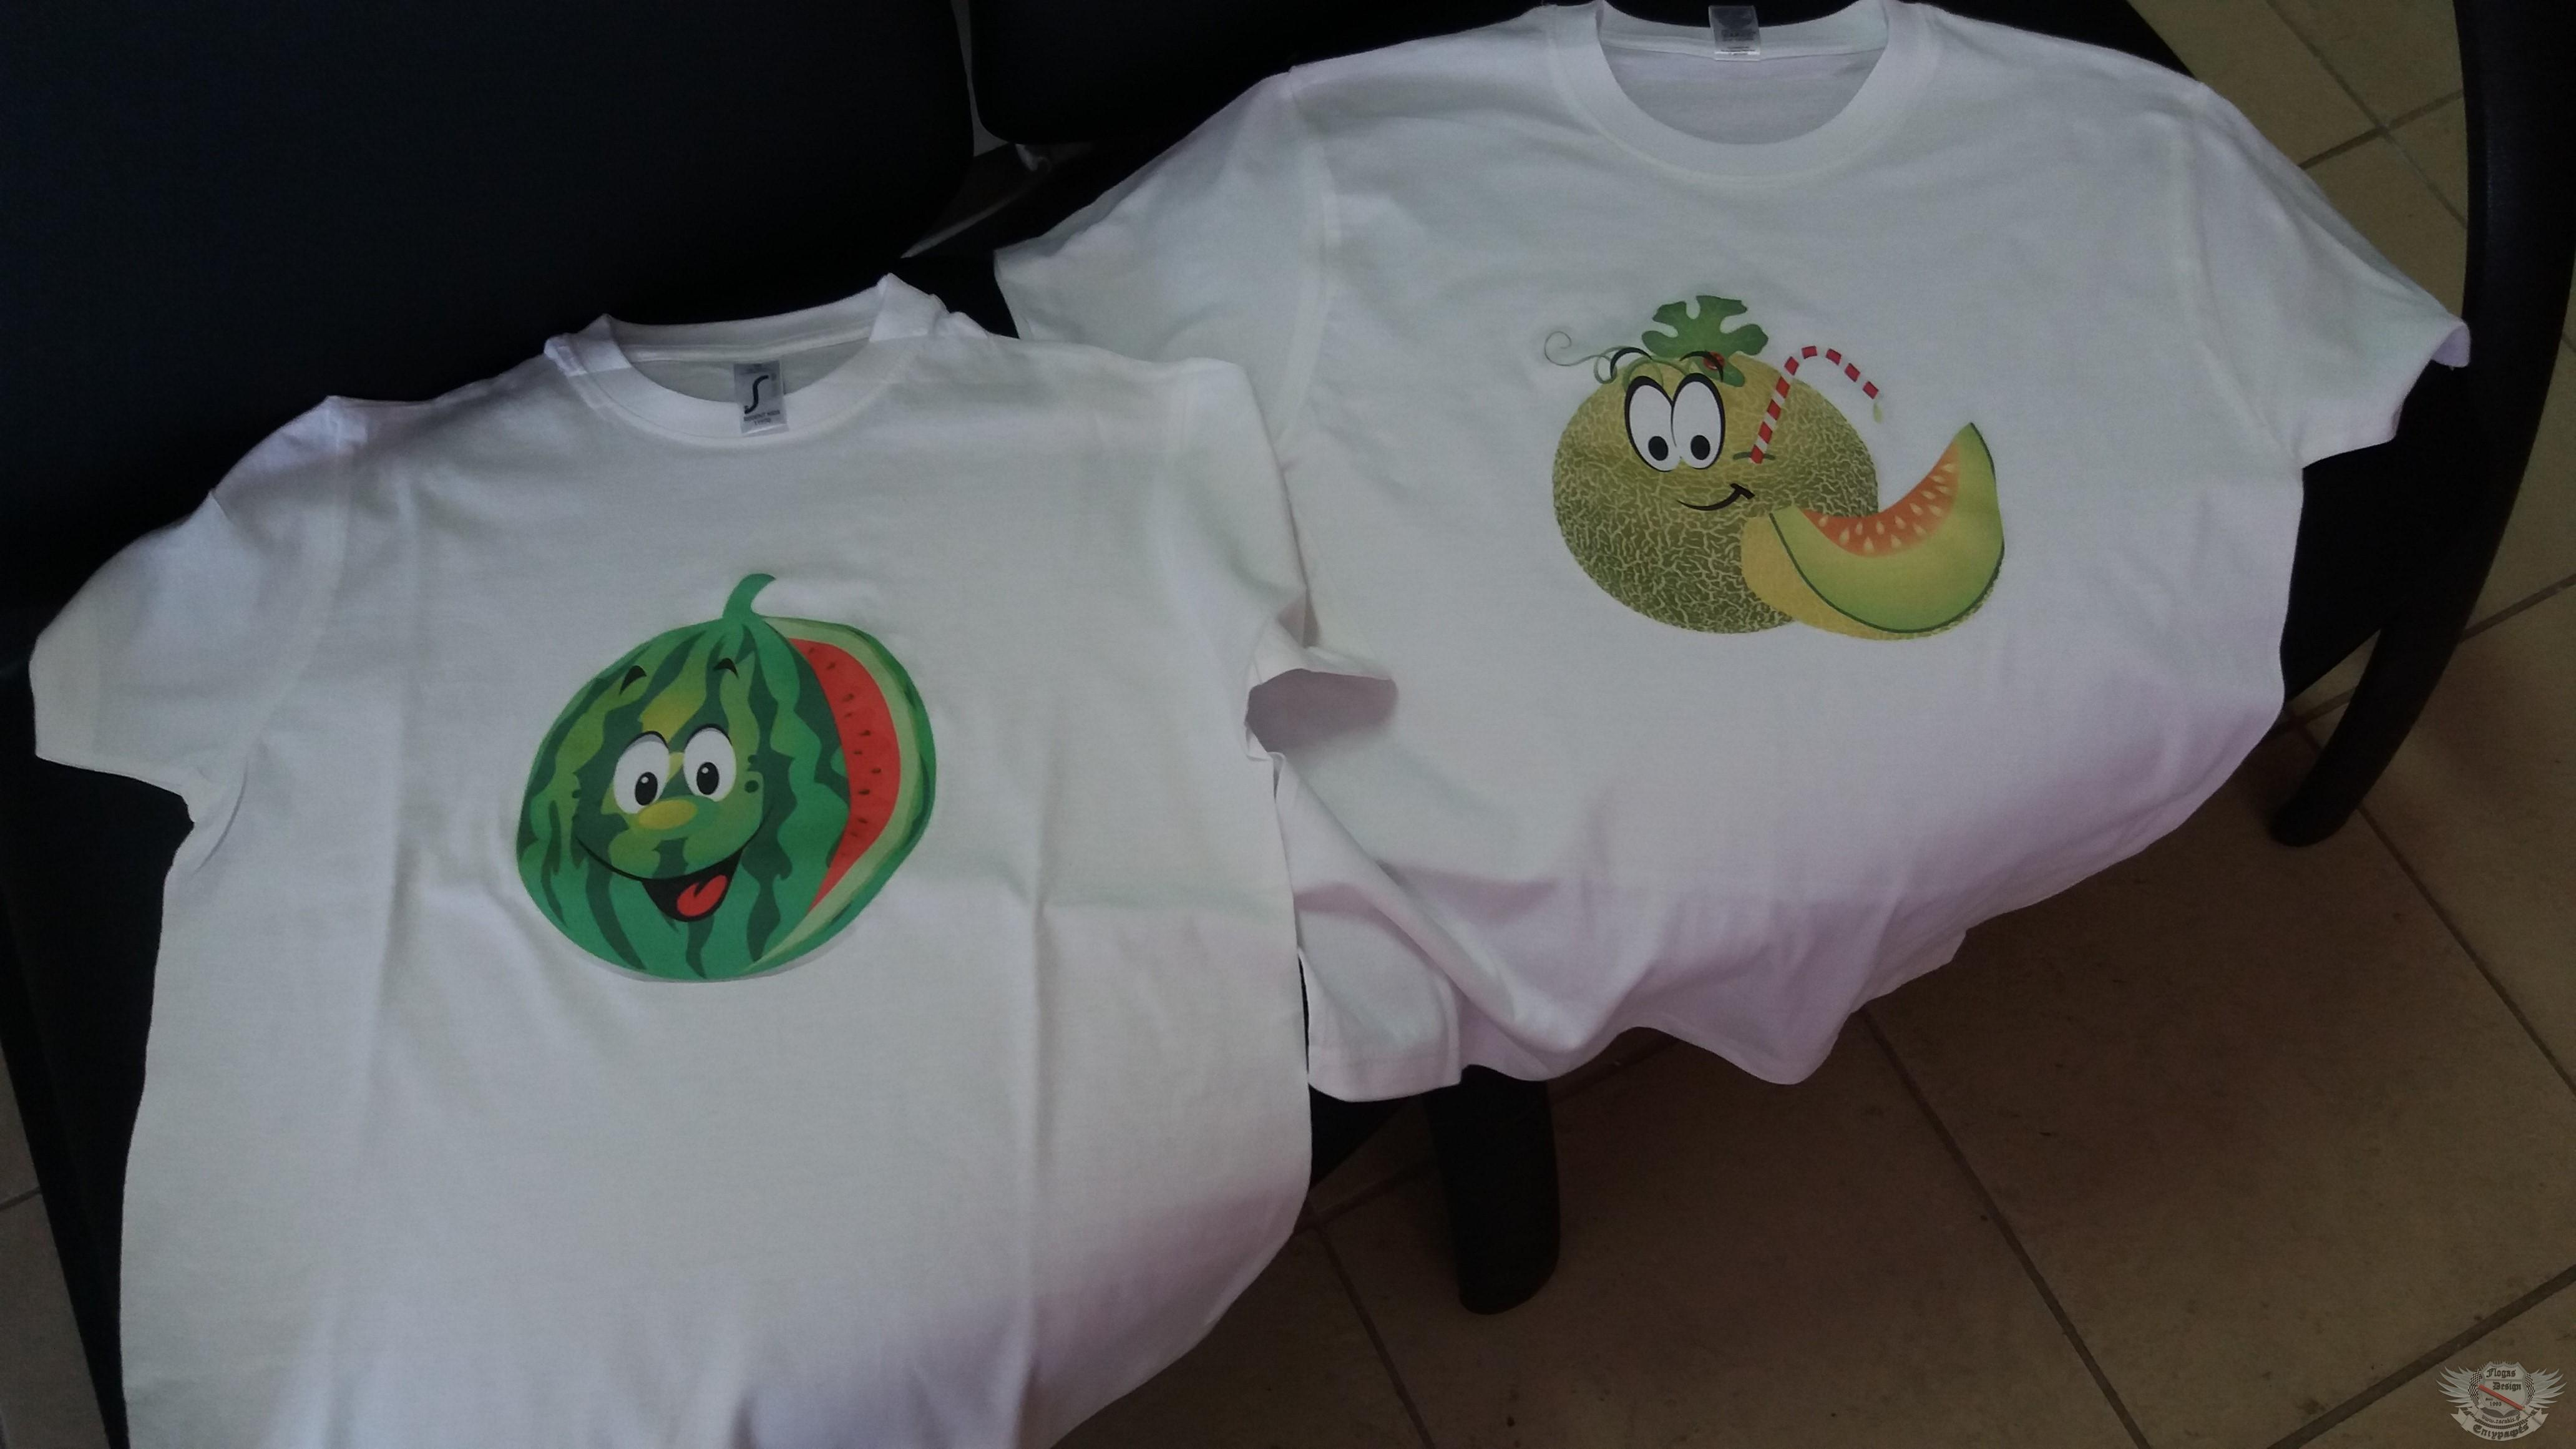 μπλουζάκια παιδικά με εκτύπωση, ΣΤΑΜΠΑ ΣΕ ΠΑΙΔΙΚΟ ΡΟΥΧΟ